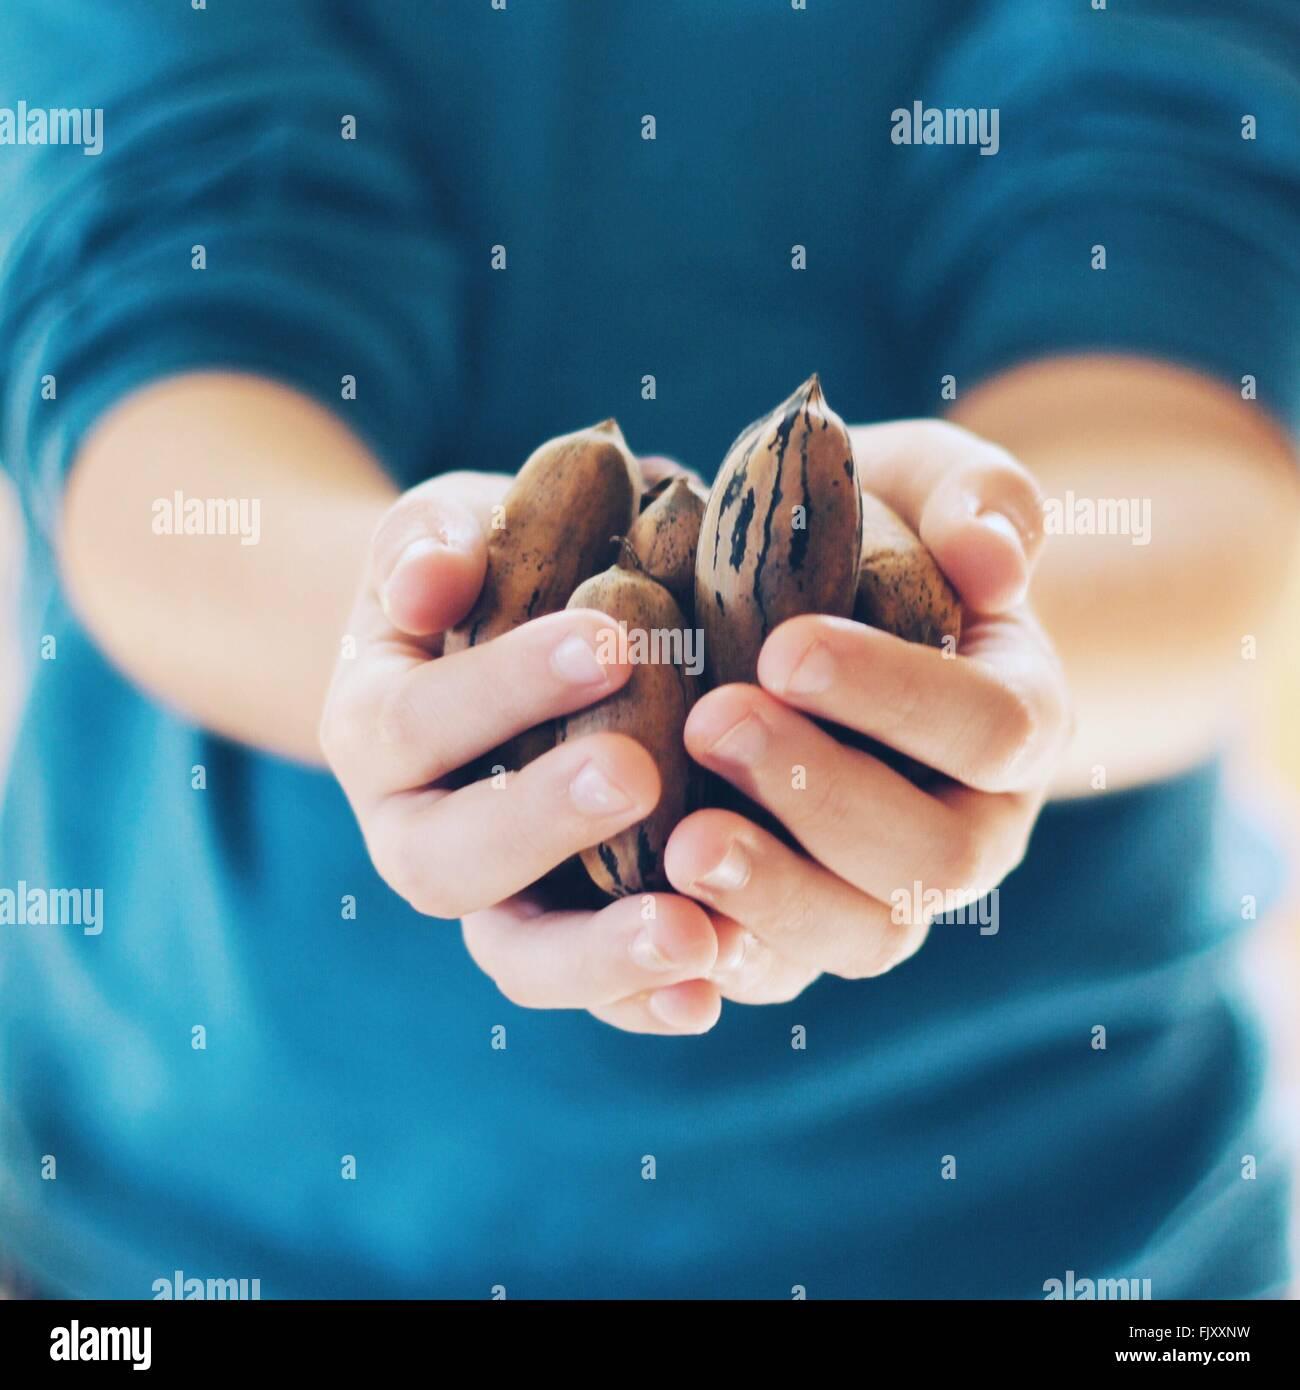 Portrait de personne qui porte des noix Photo Stock